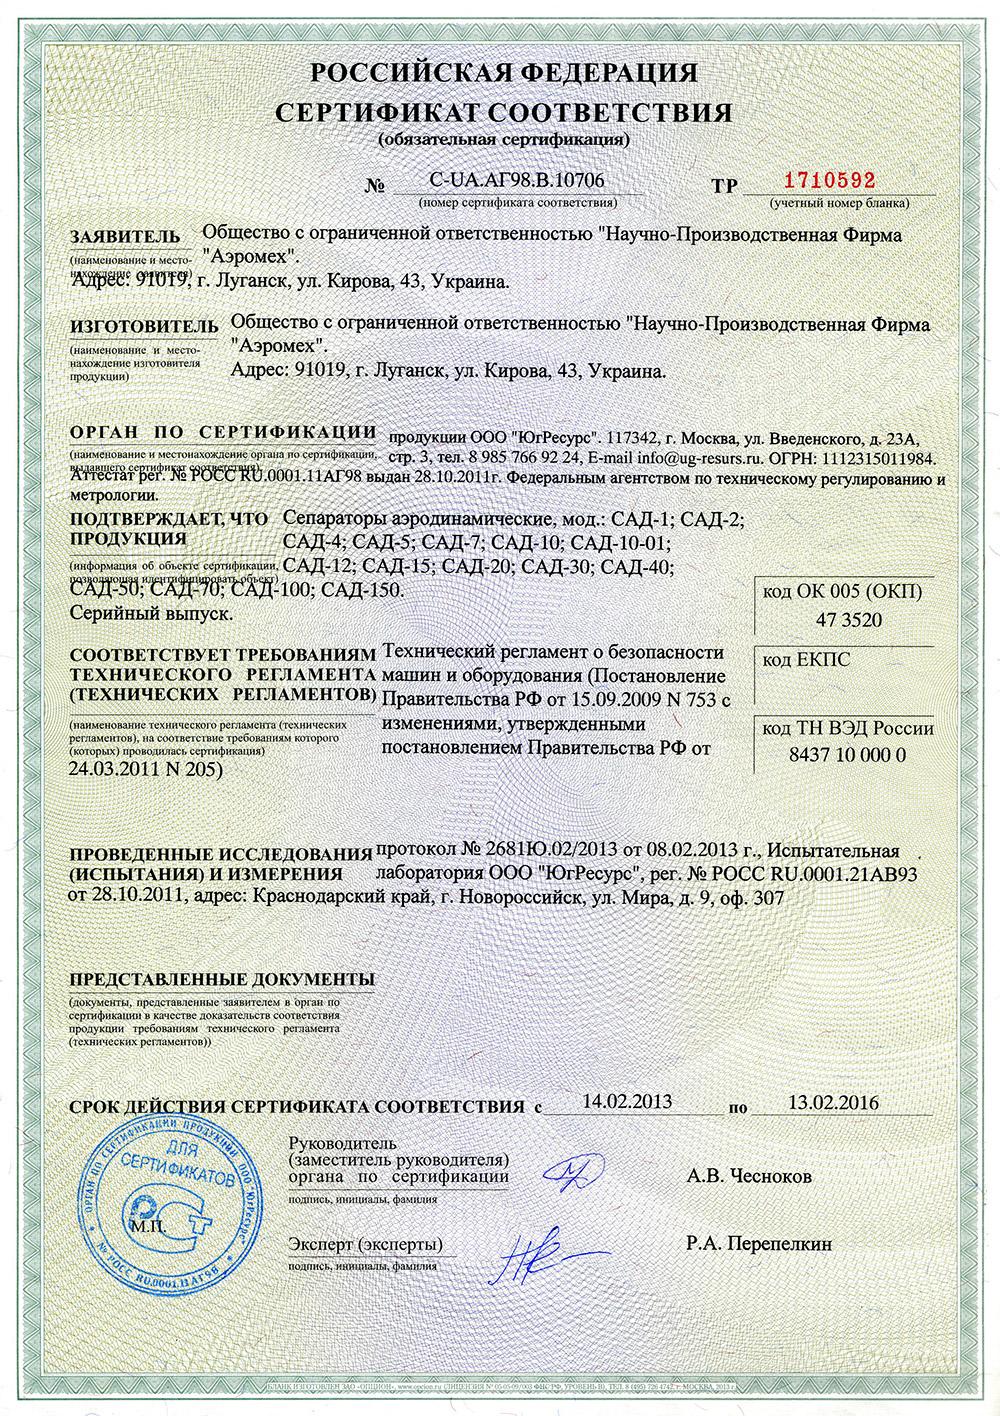 Російський сертифікат відповідності на продукцію сепаратор Аеродинамічний САД сепаратор САД-1, САД-2, САД-4, САД-5, САД-7, САД-10, САД-10-01, САД-12, САД-15, <br /> САД-20, САД-30, САД-40, САД-50, САД-70, САД-100, САД-150